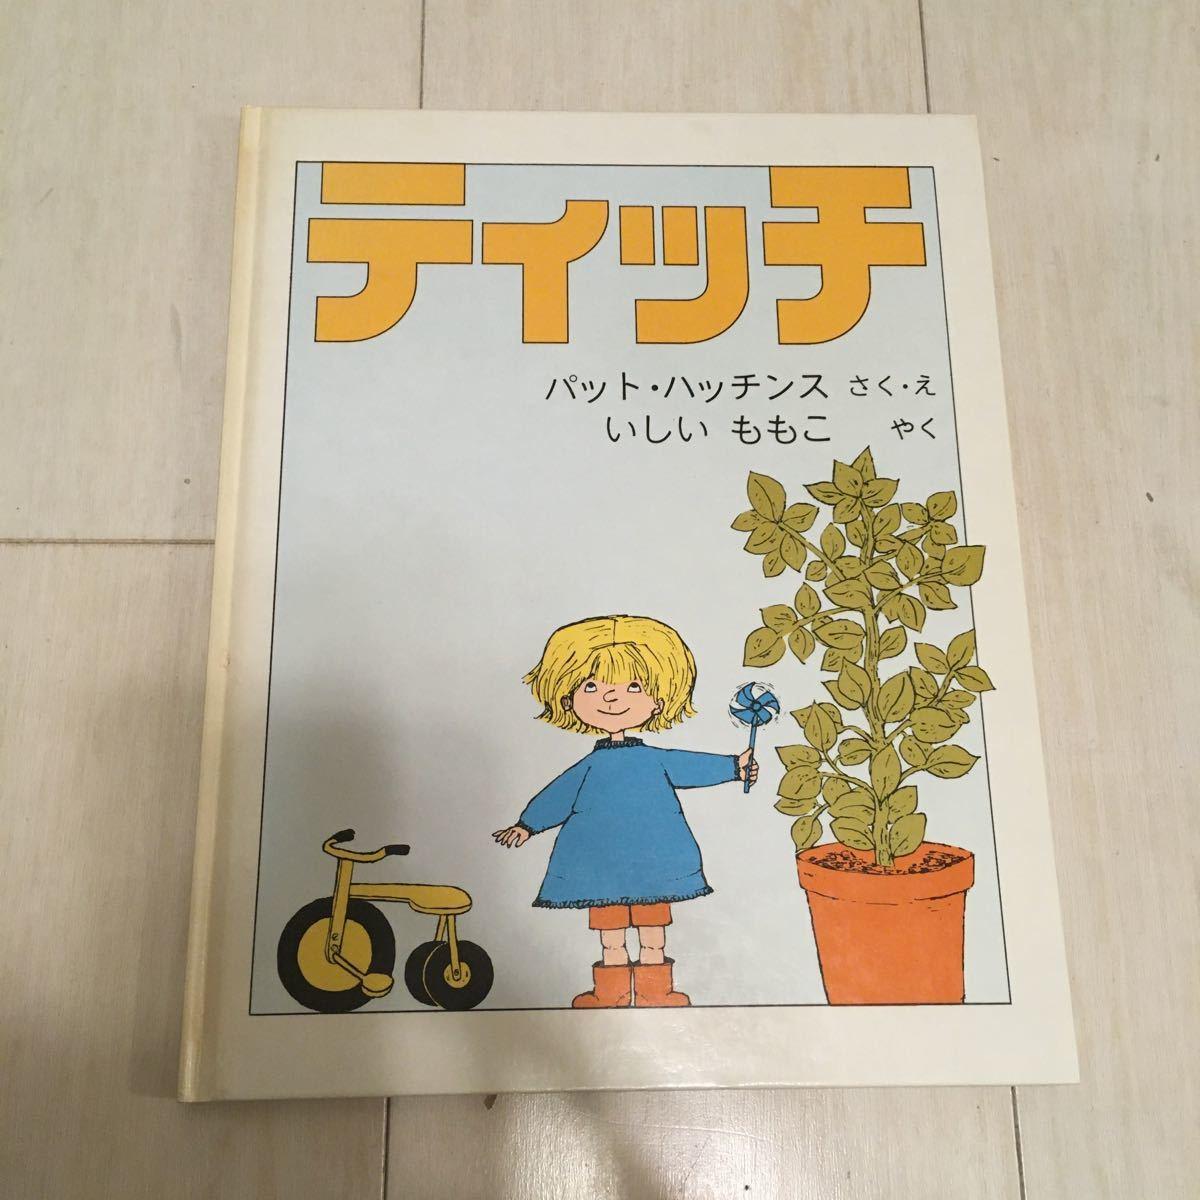 絵本 ティッチ 福音館書店